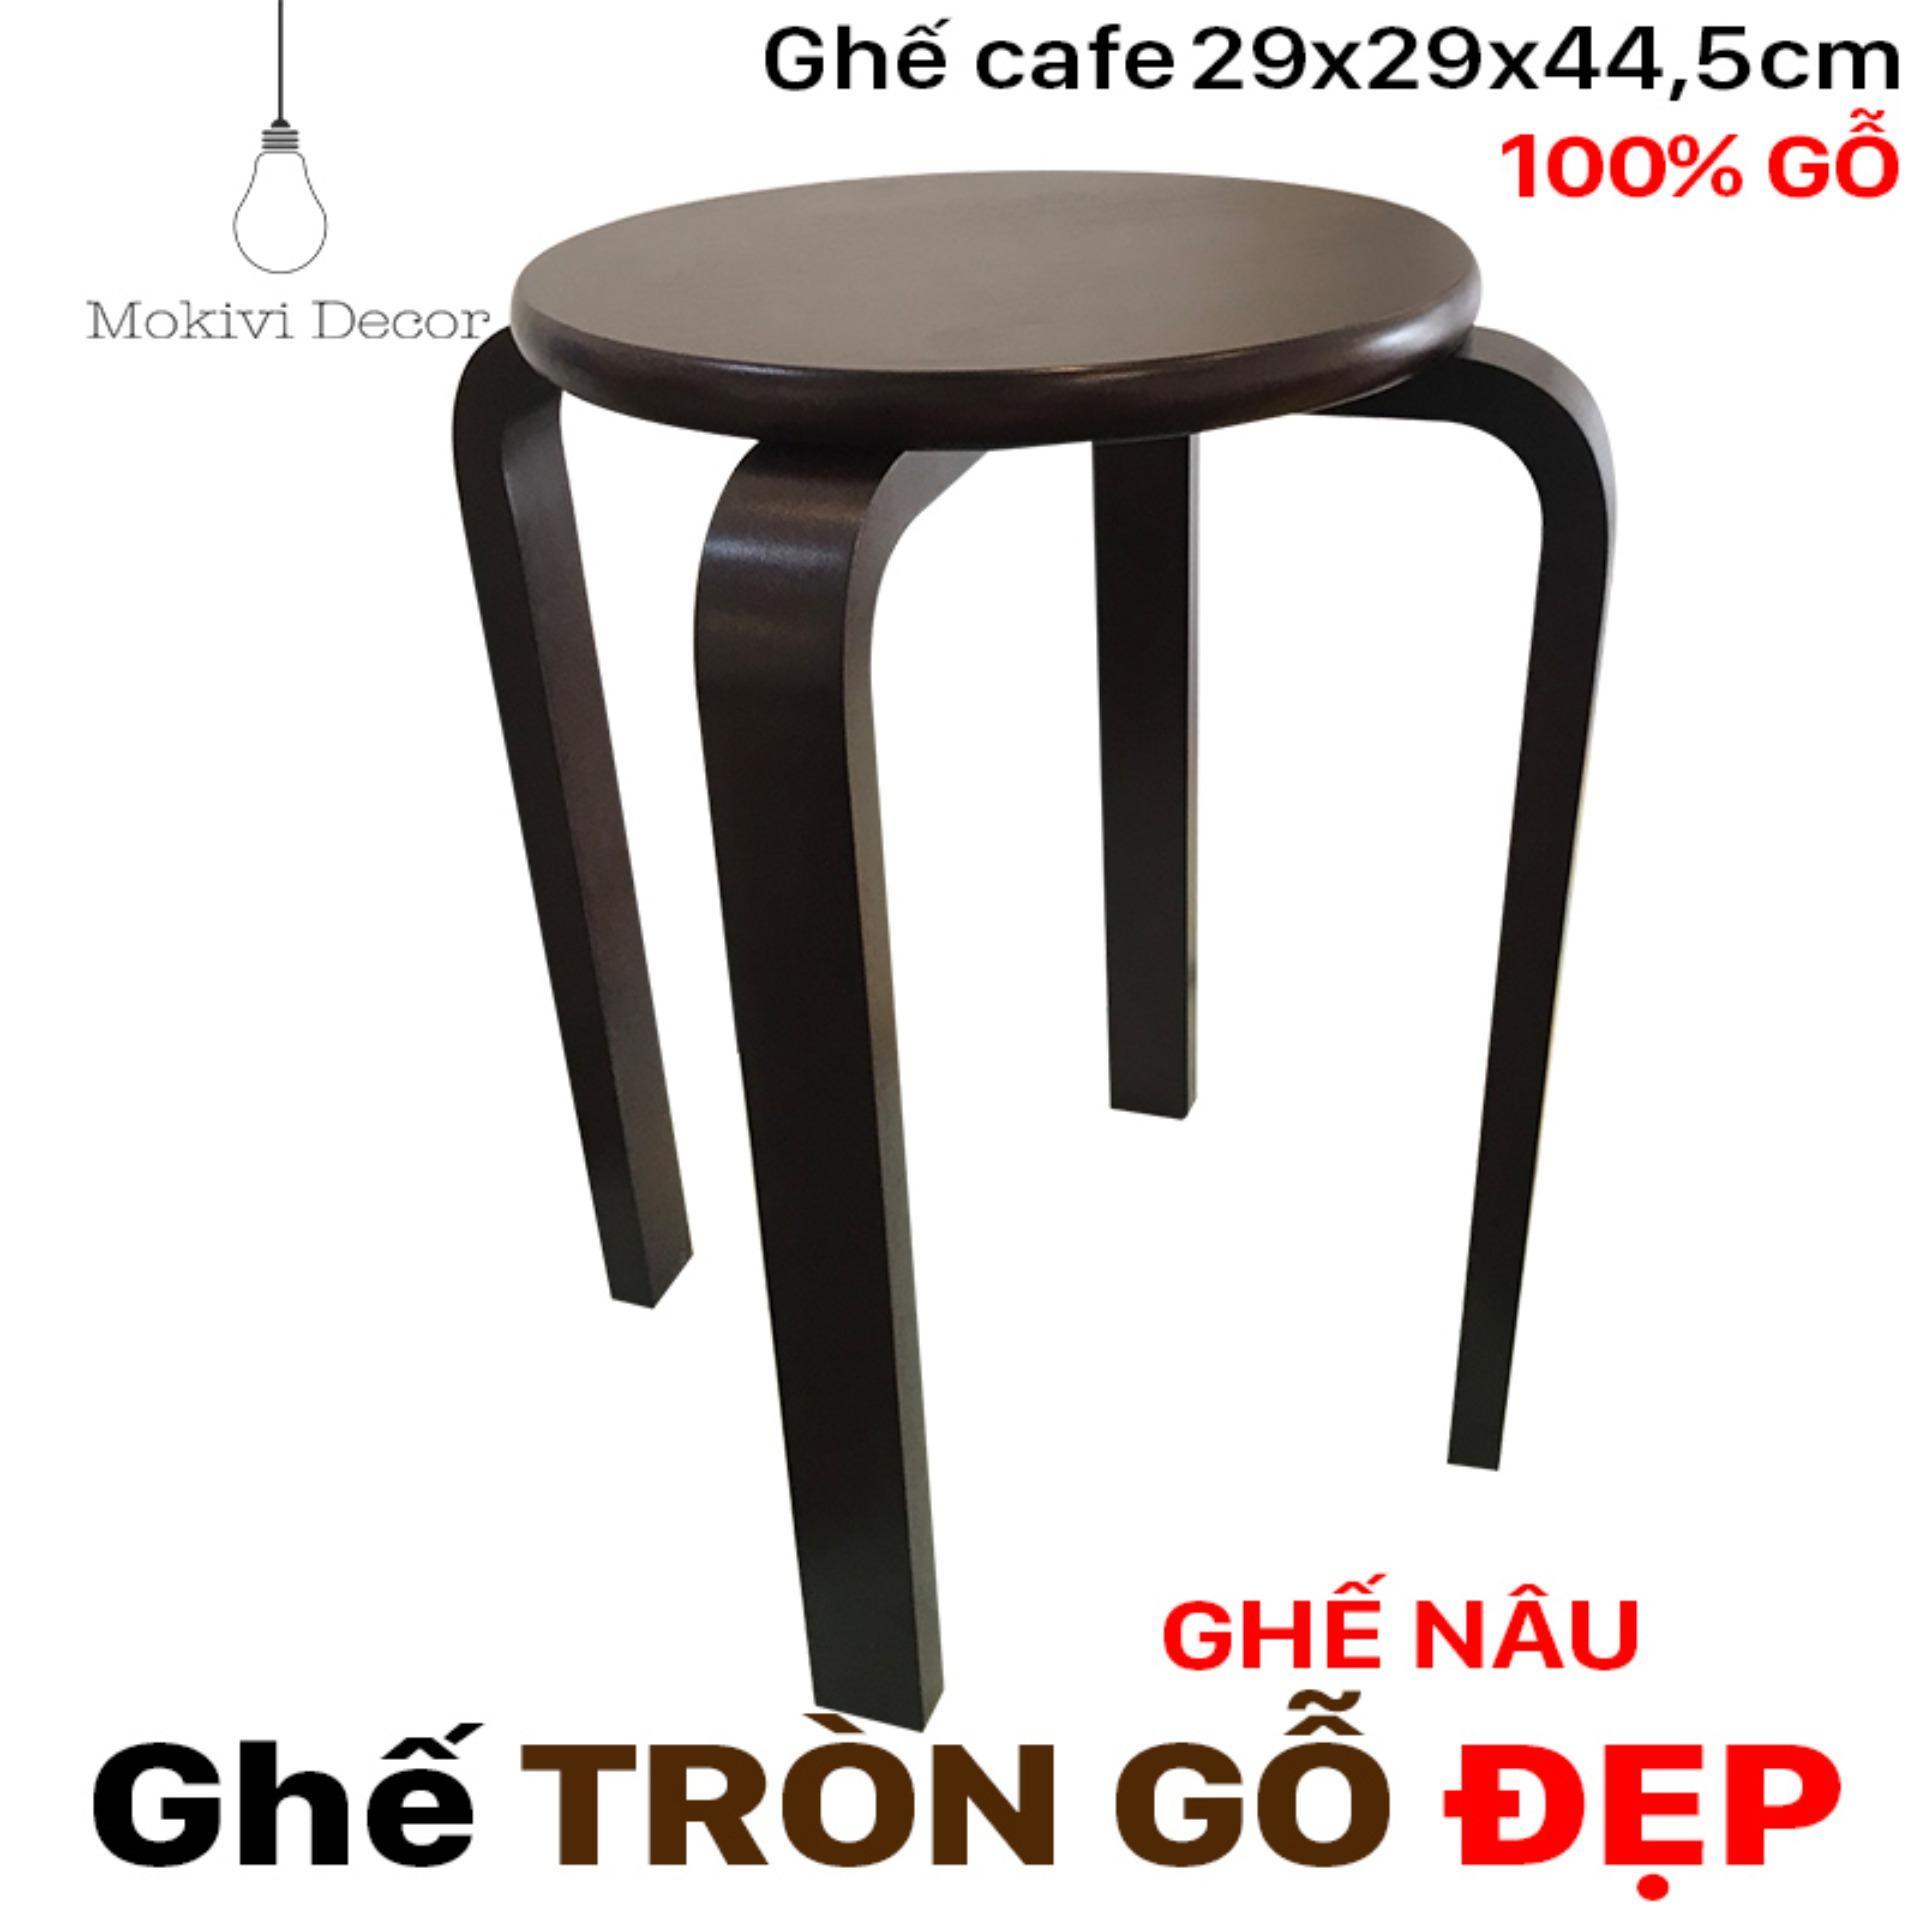 Ghế gỗ tròn chân dẹp (NÂU) – ghế tròn 29cm cao 44,5cm – ghế phòng ăn, ghế cafe gỗ PHONG CÁCH